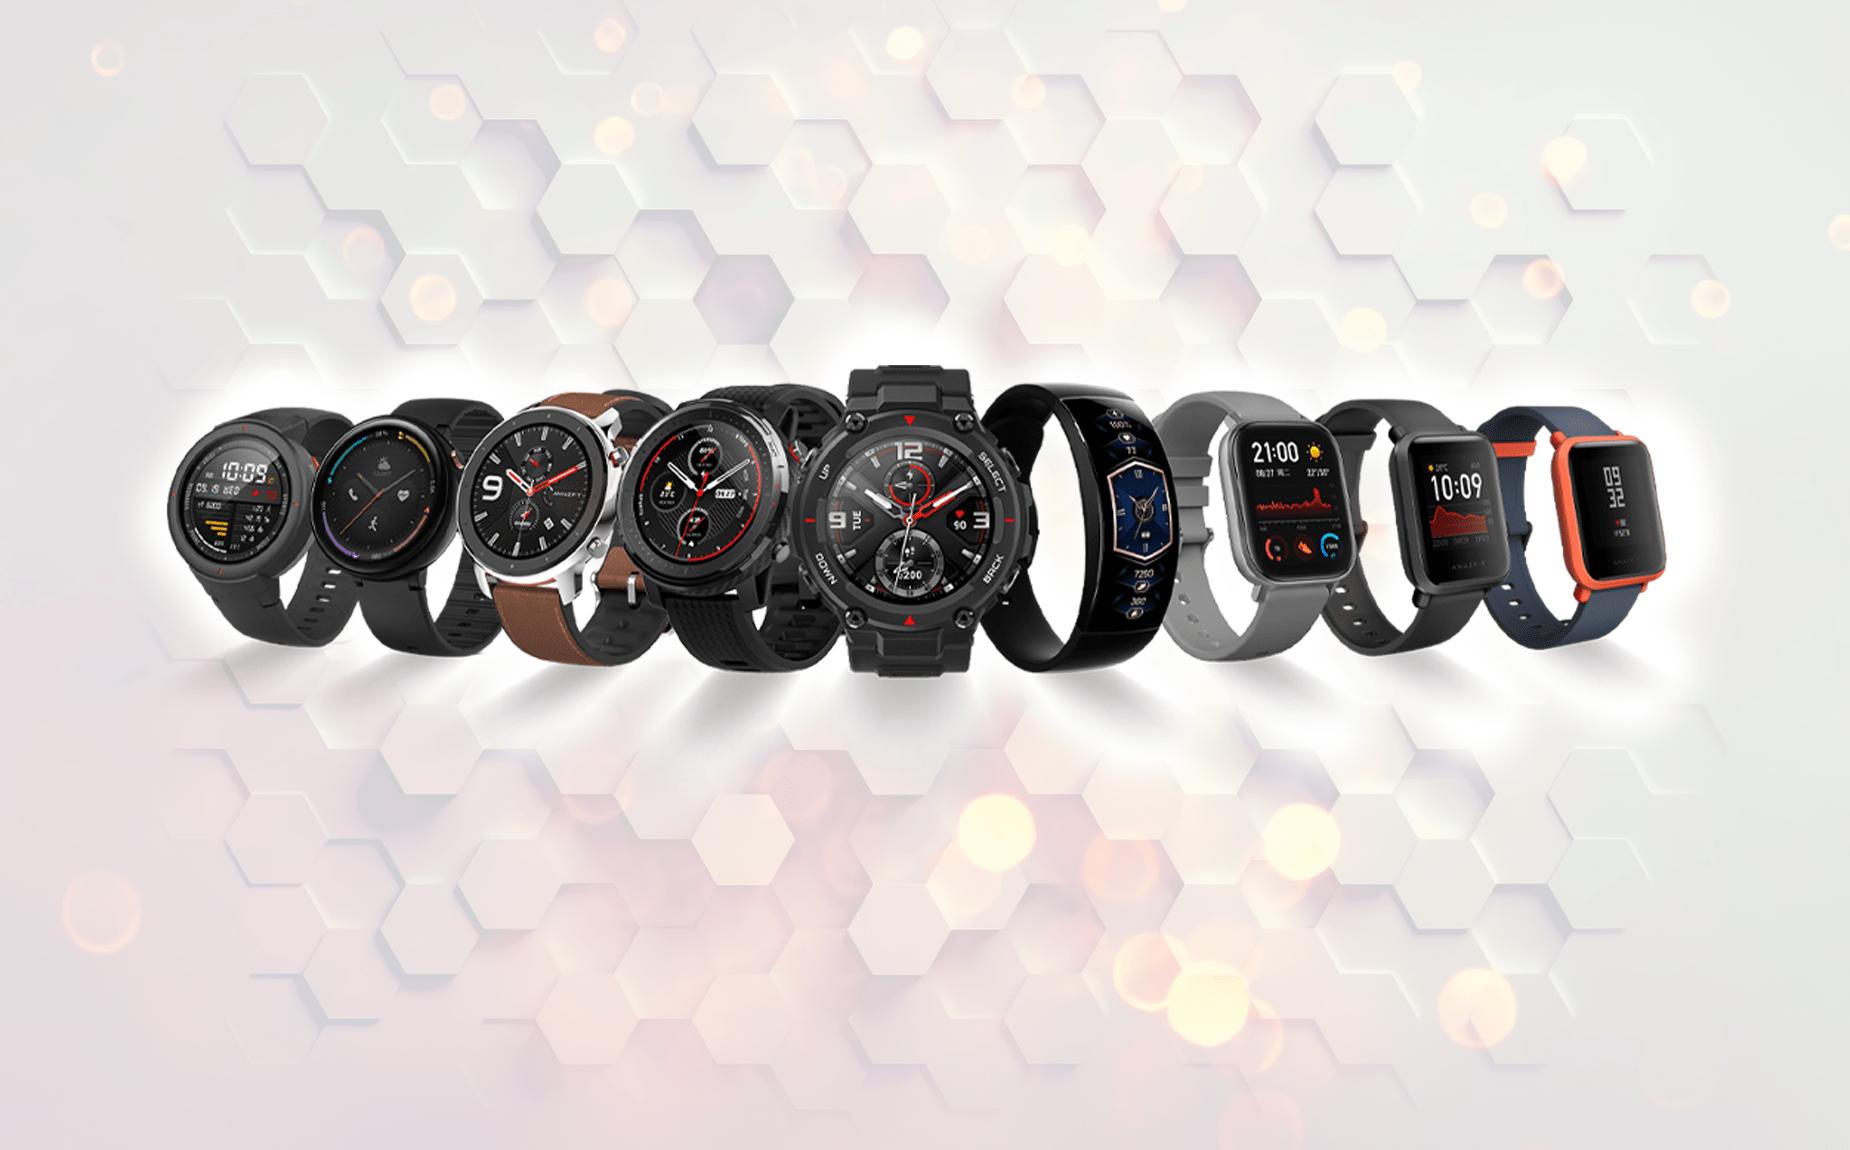 Amazfit Smart Watch Brand